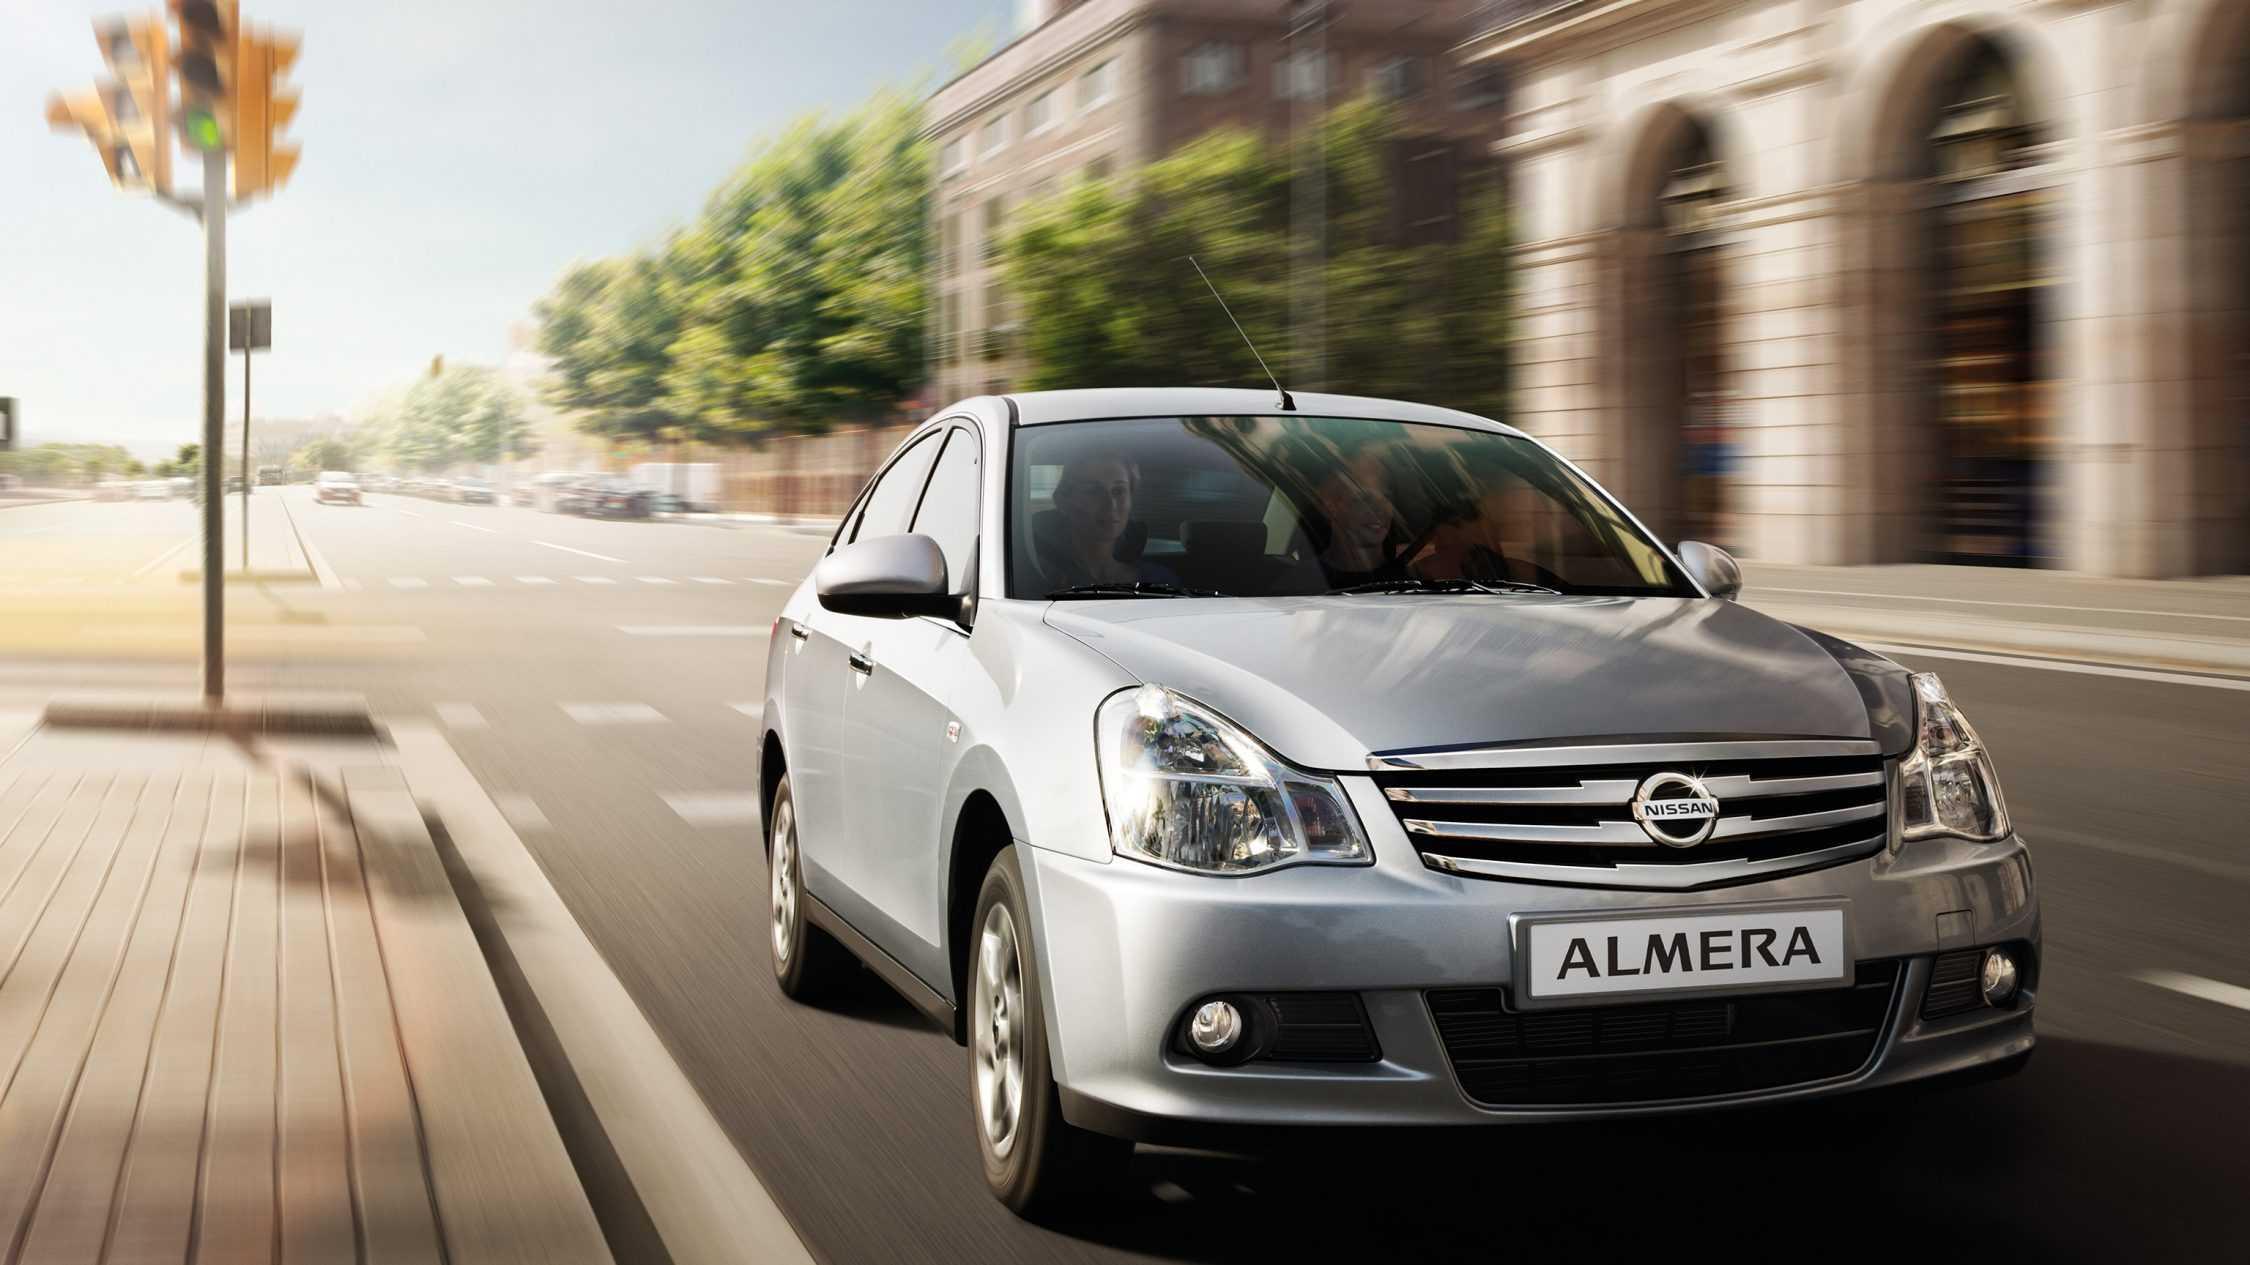 Купить Ниссан Альмера Москва цена 2019-2020 на Nissan Almera новый, официальный дилер - все комплектации